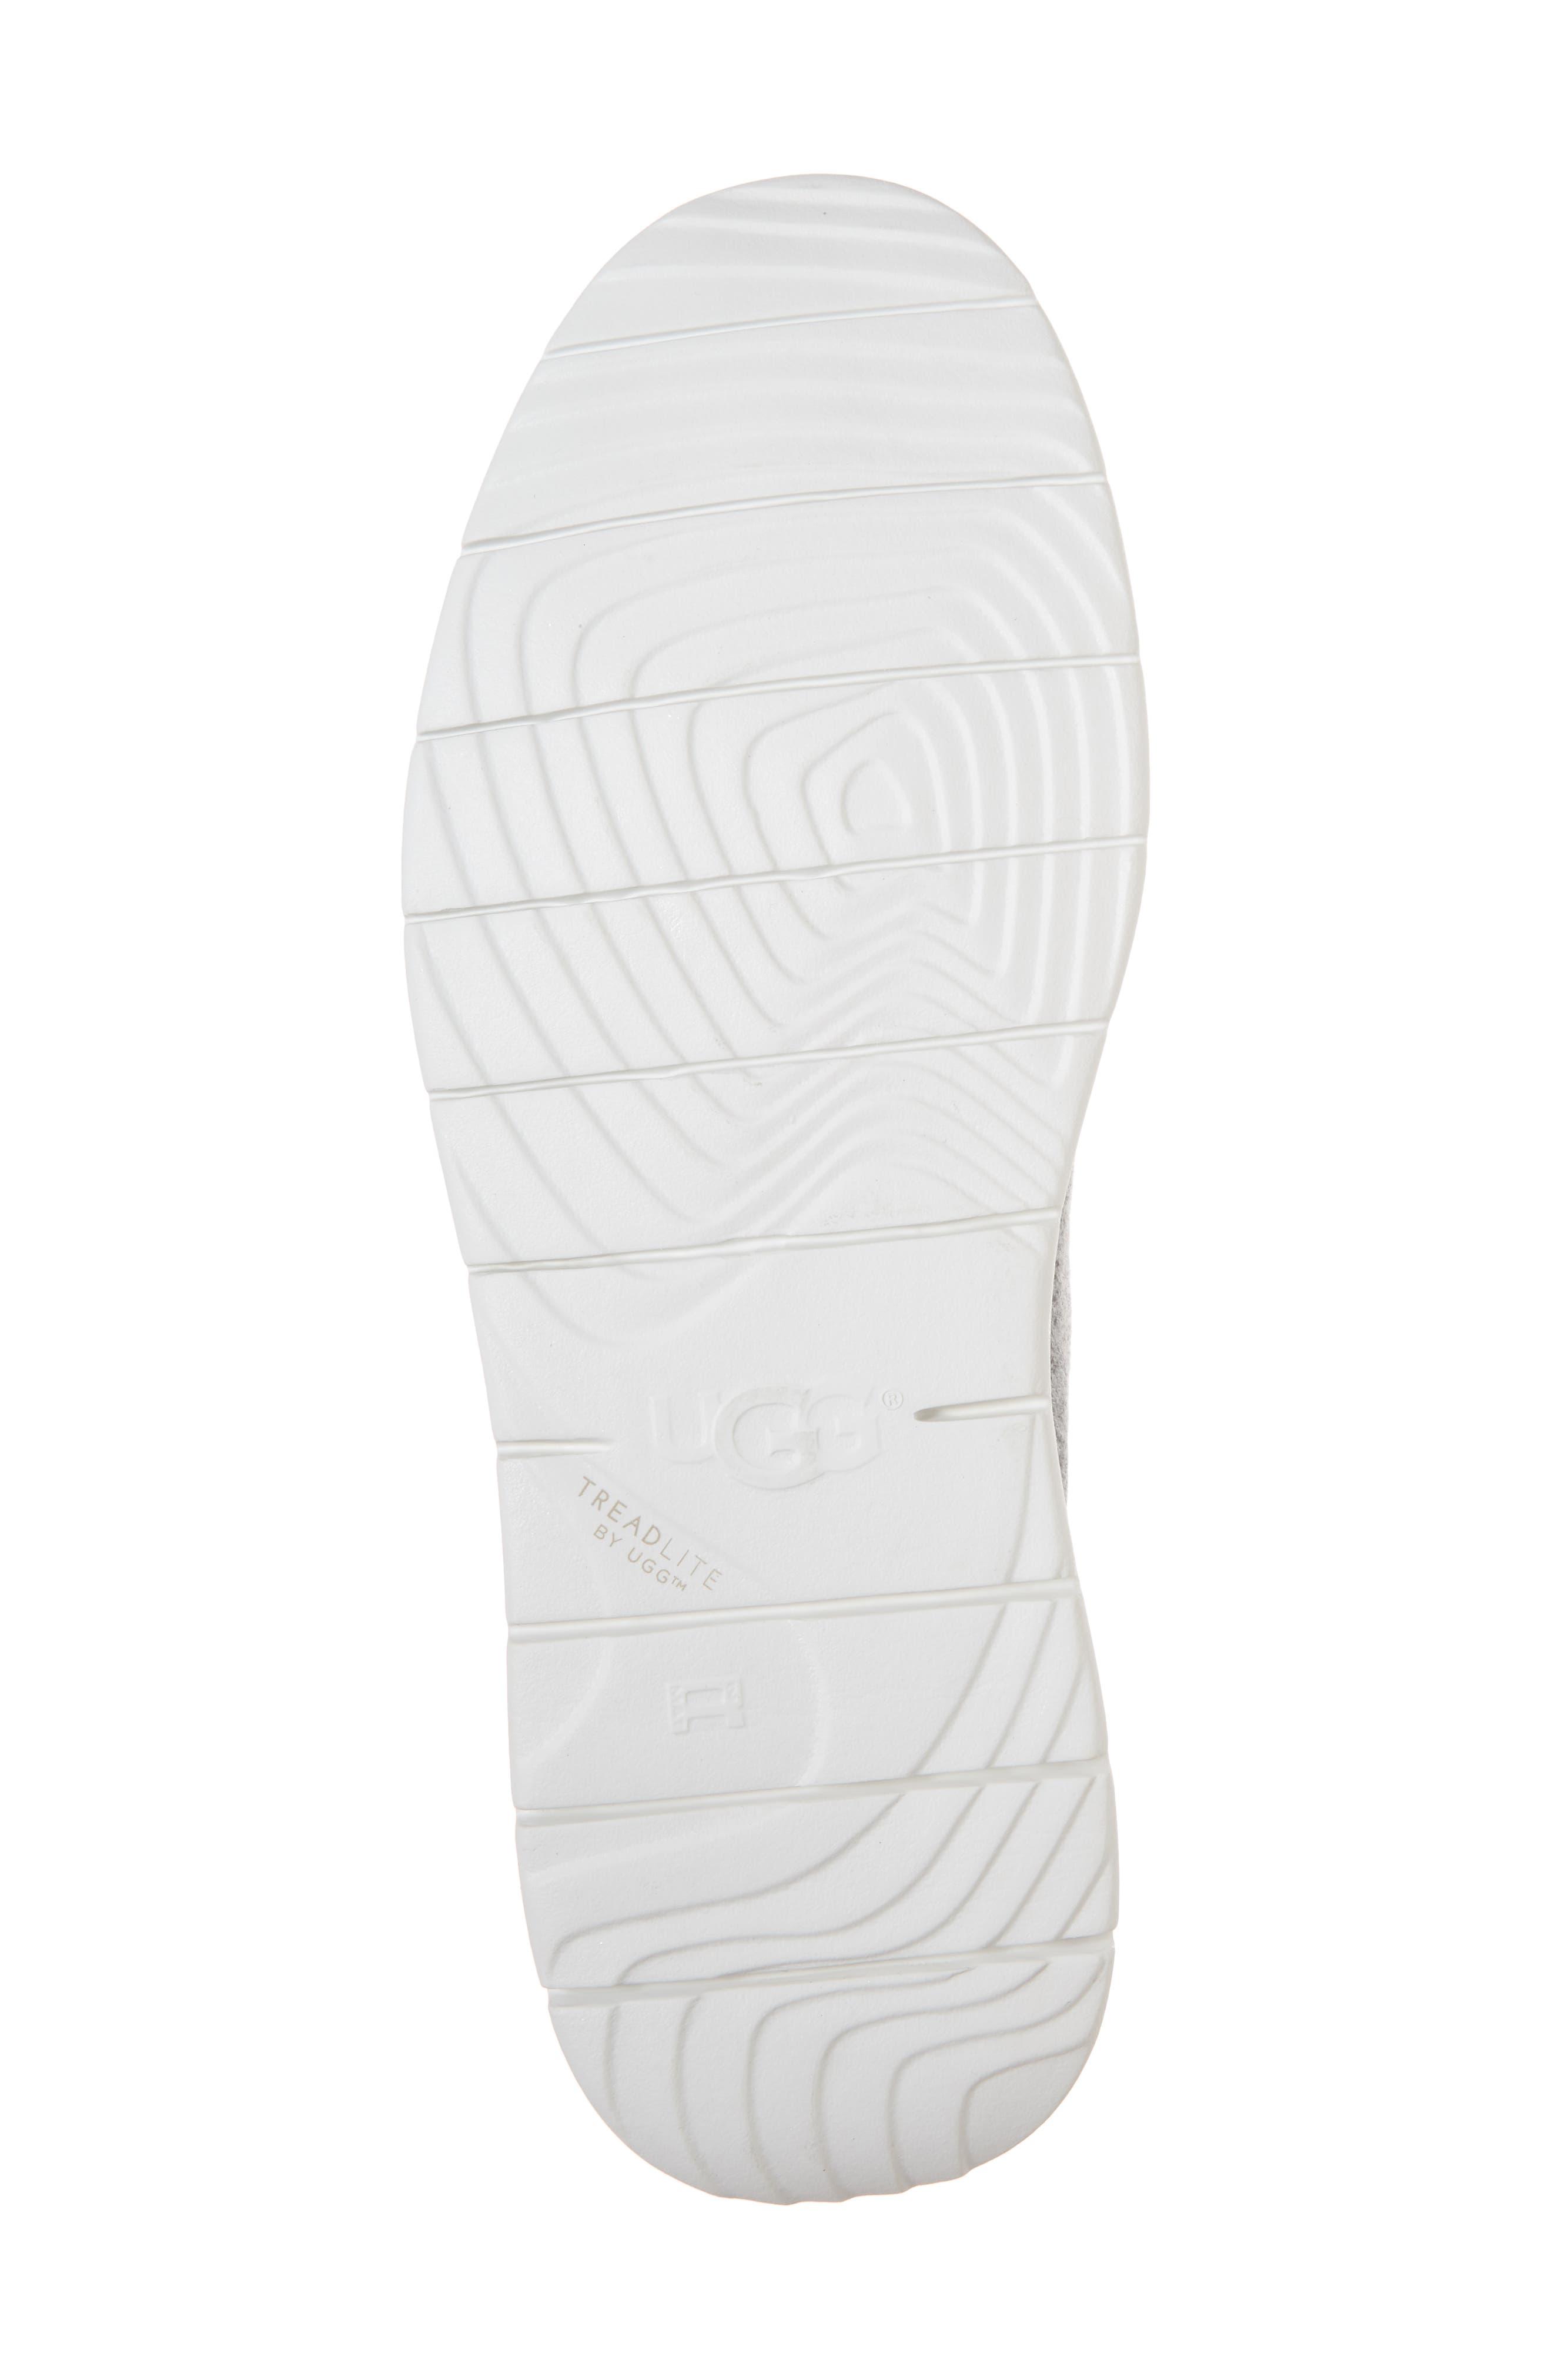 Feli HyperWeave Sneaker,                             Alternate thumbnail 6, color,                             Seal Leather